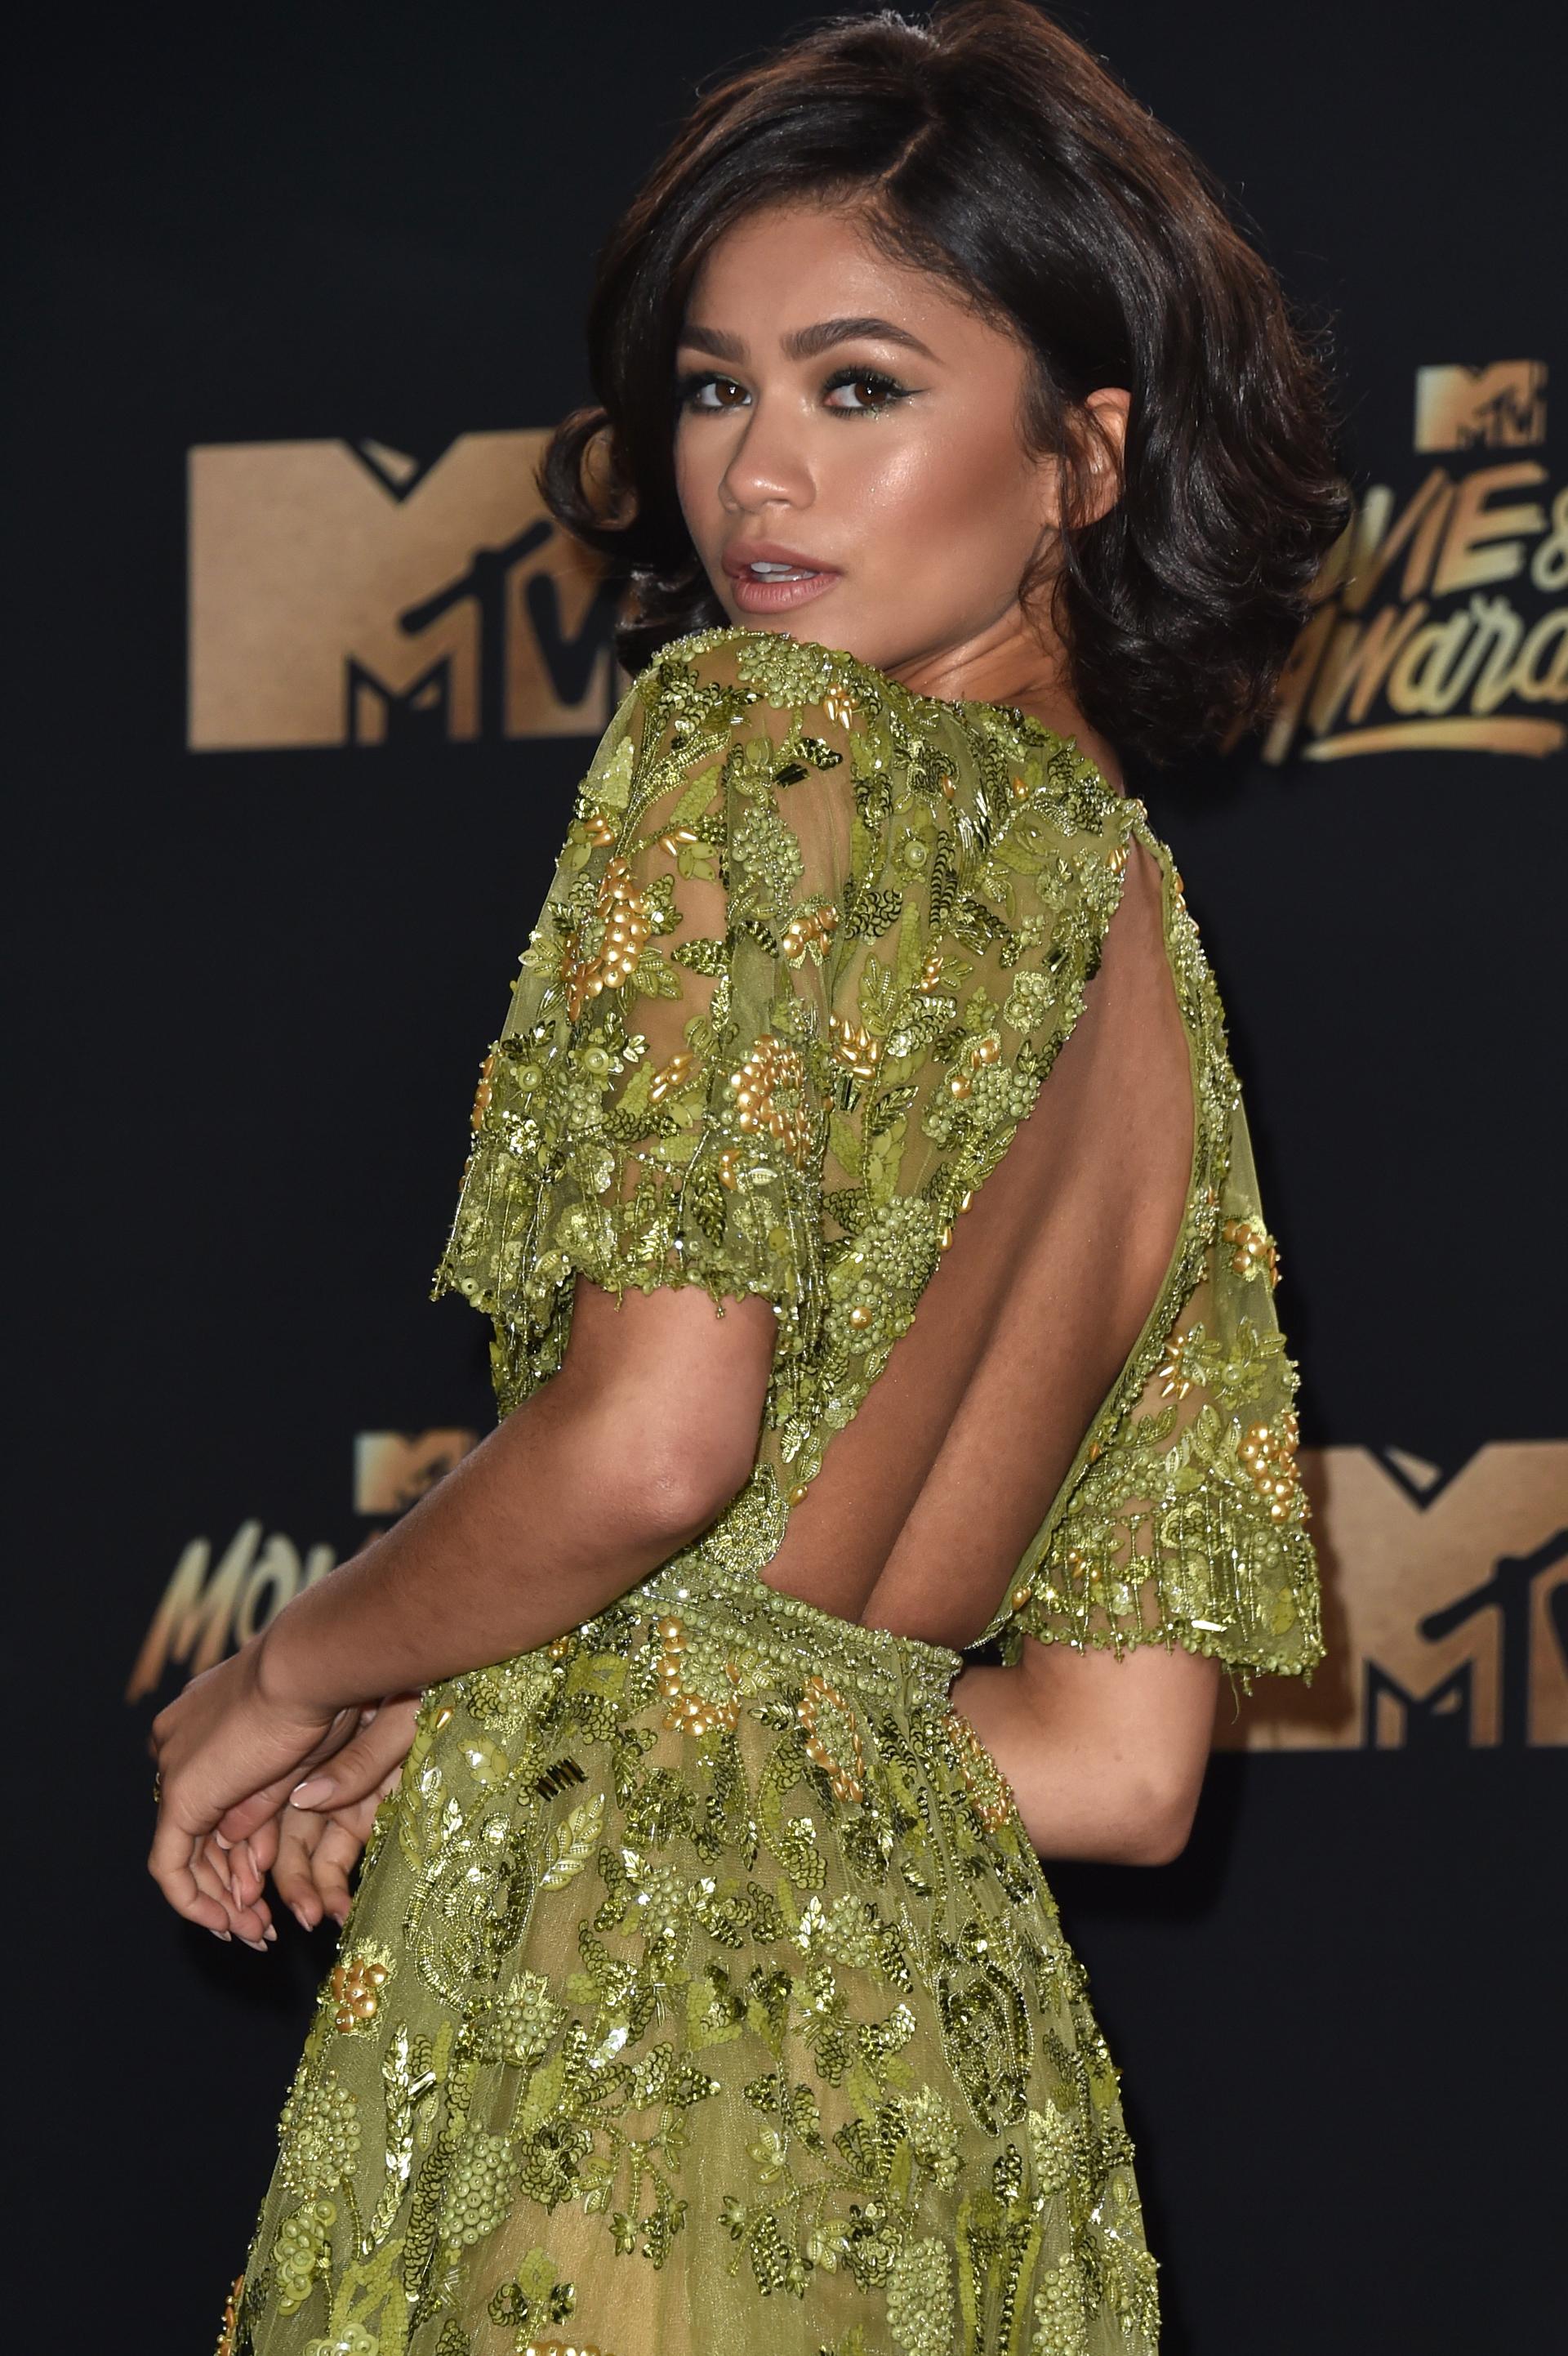 Zendaya eligió para esta edición un vestido verde con apliques, espalda descubierta y un maquillaje y peinado que acompañaban al increible vestido que eligió la estrella de Disney y cantante (Alberto E. Rodriguez/Getty Images)